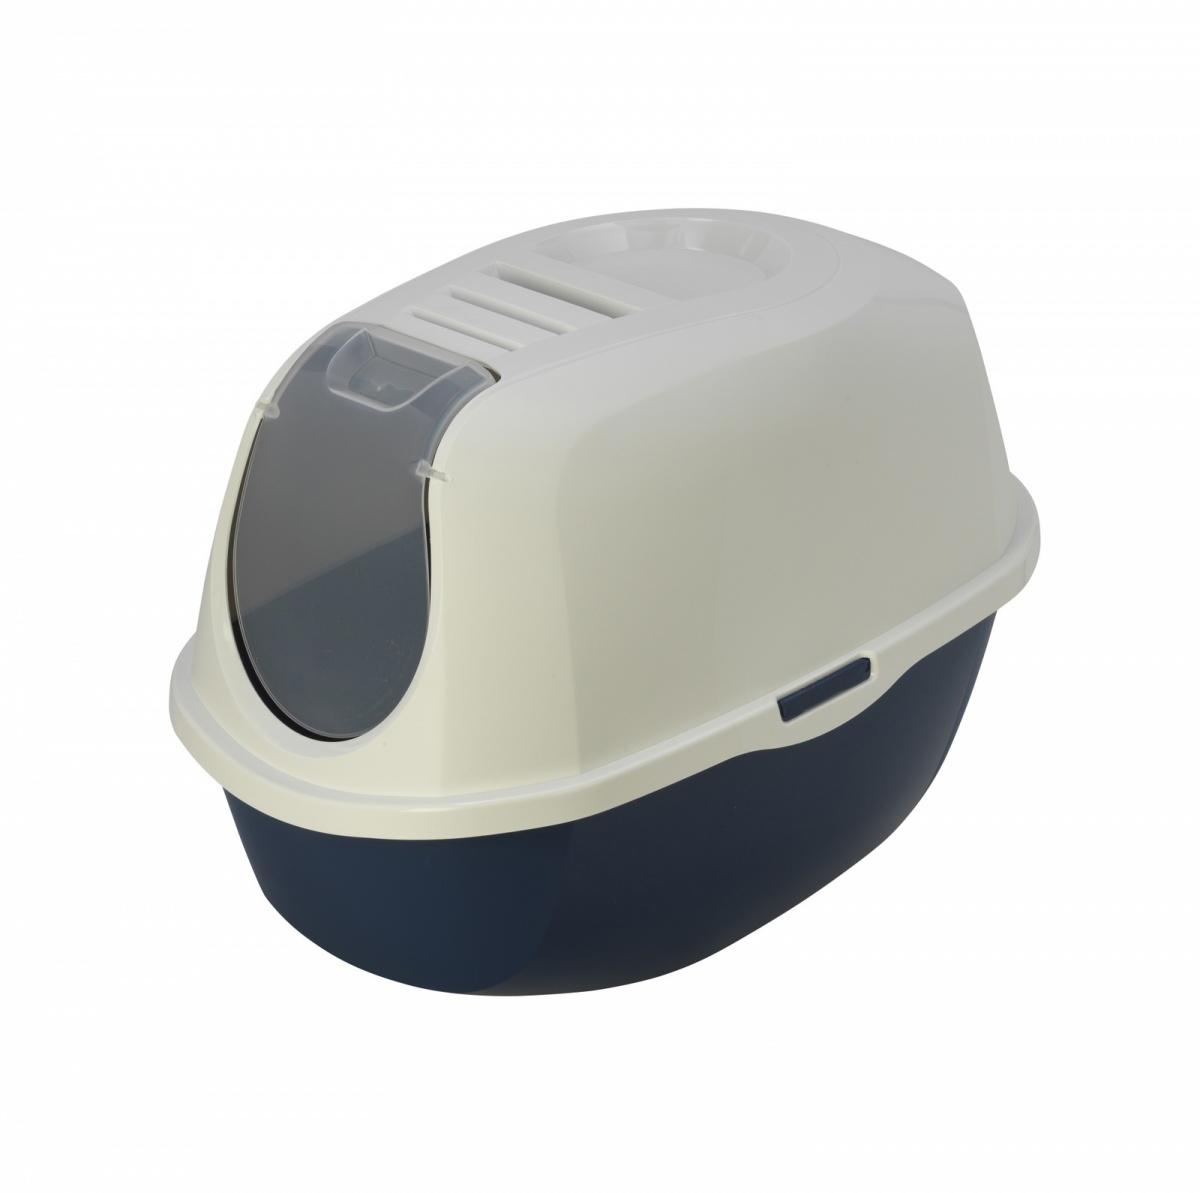 24647/C 370-331 MODERNA Smart Cat  Туалет-домик для кошек 54х40х41 см черничный